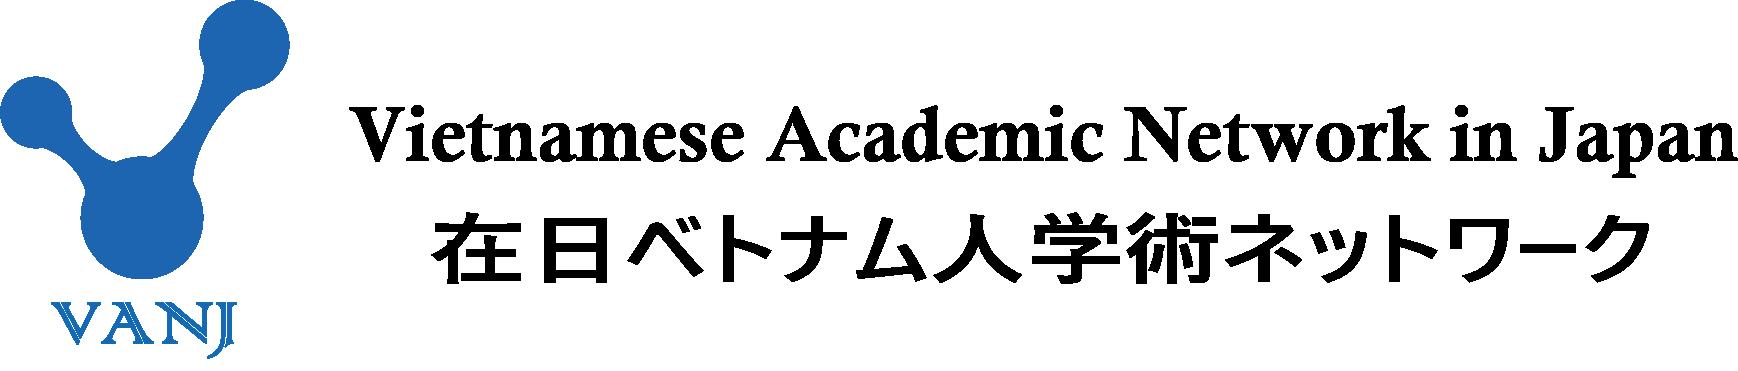 VANJ Logo Full